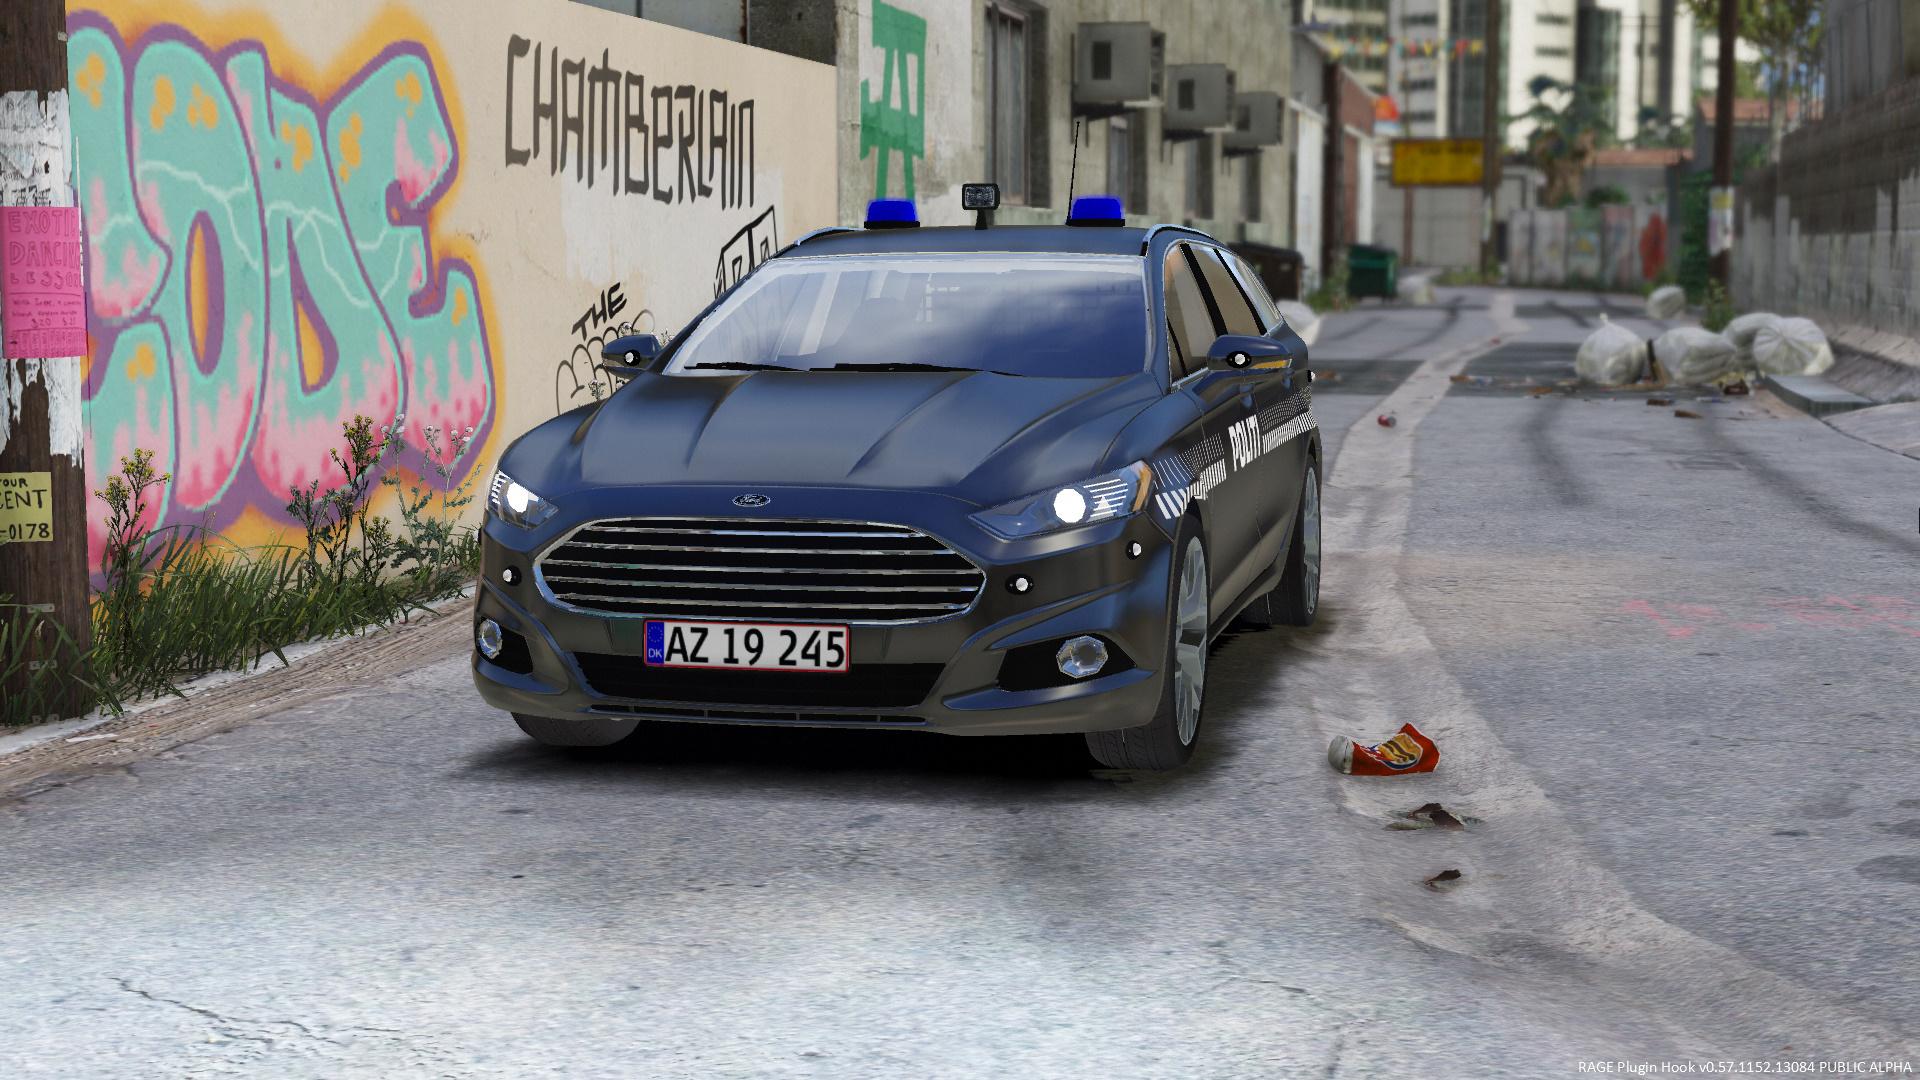 2016 ford mondeo mk5 estate danish police dog unit els replace gta5. Black Bedroom Furniture Sets. Home Design Ideas